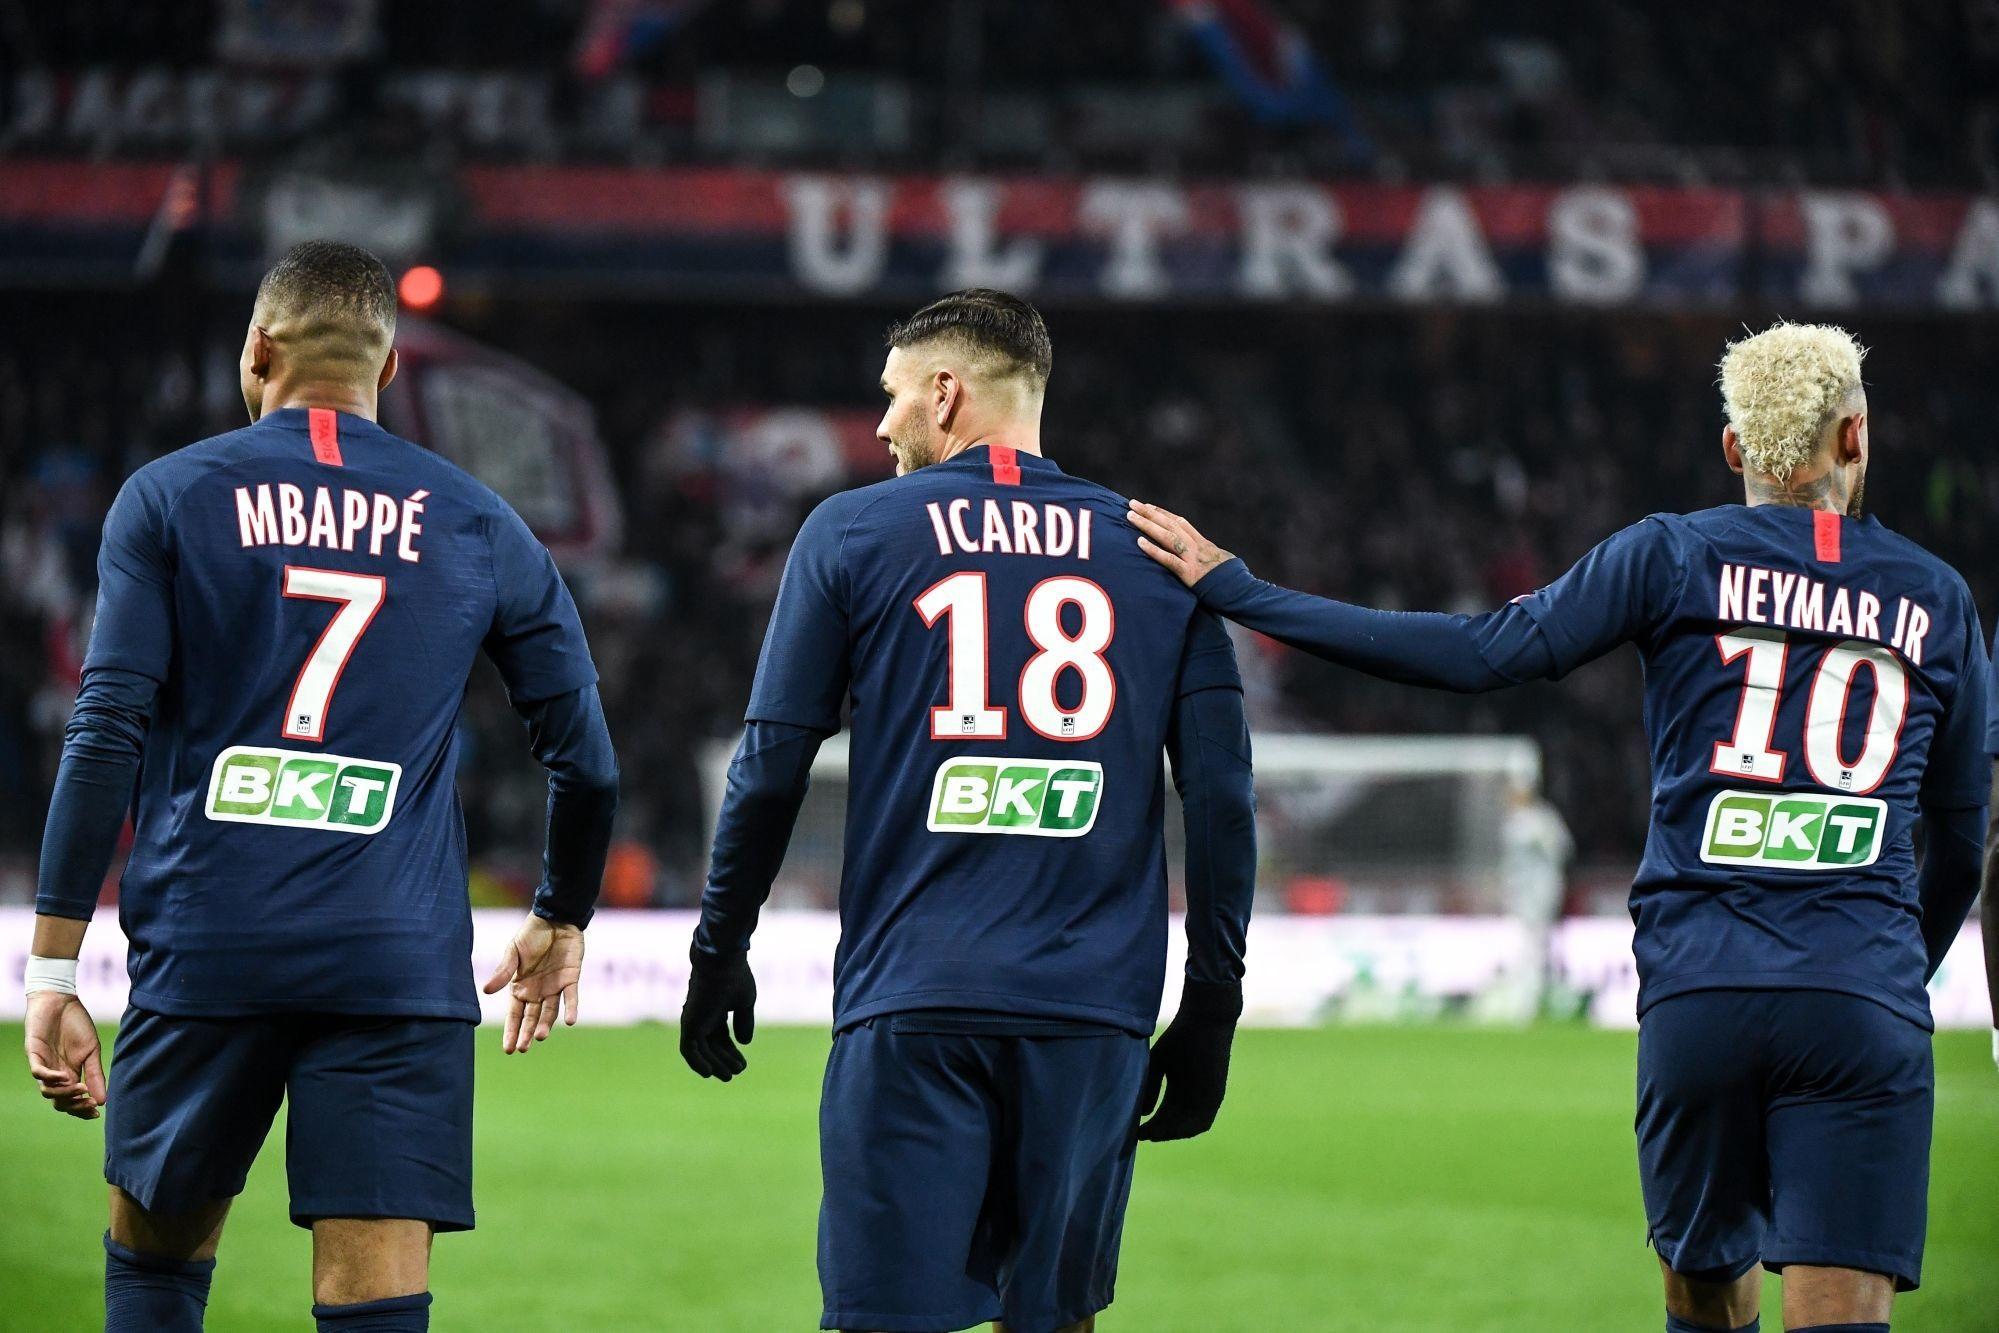 Roustan voit Icardi très bien rentrer dans l'équipe du PSG, notamment avec Neymar et Mbappé